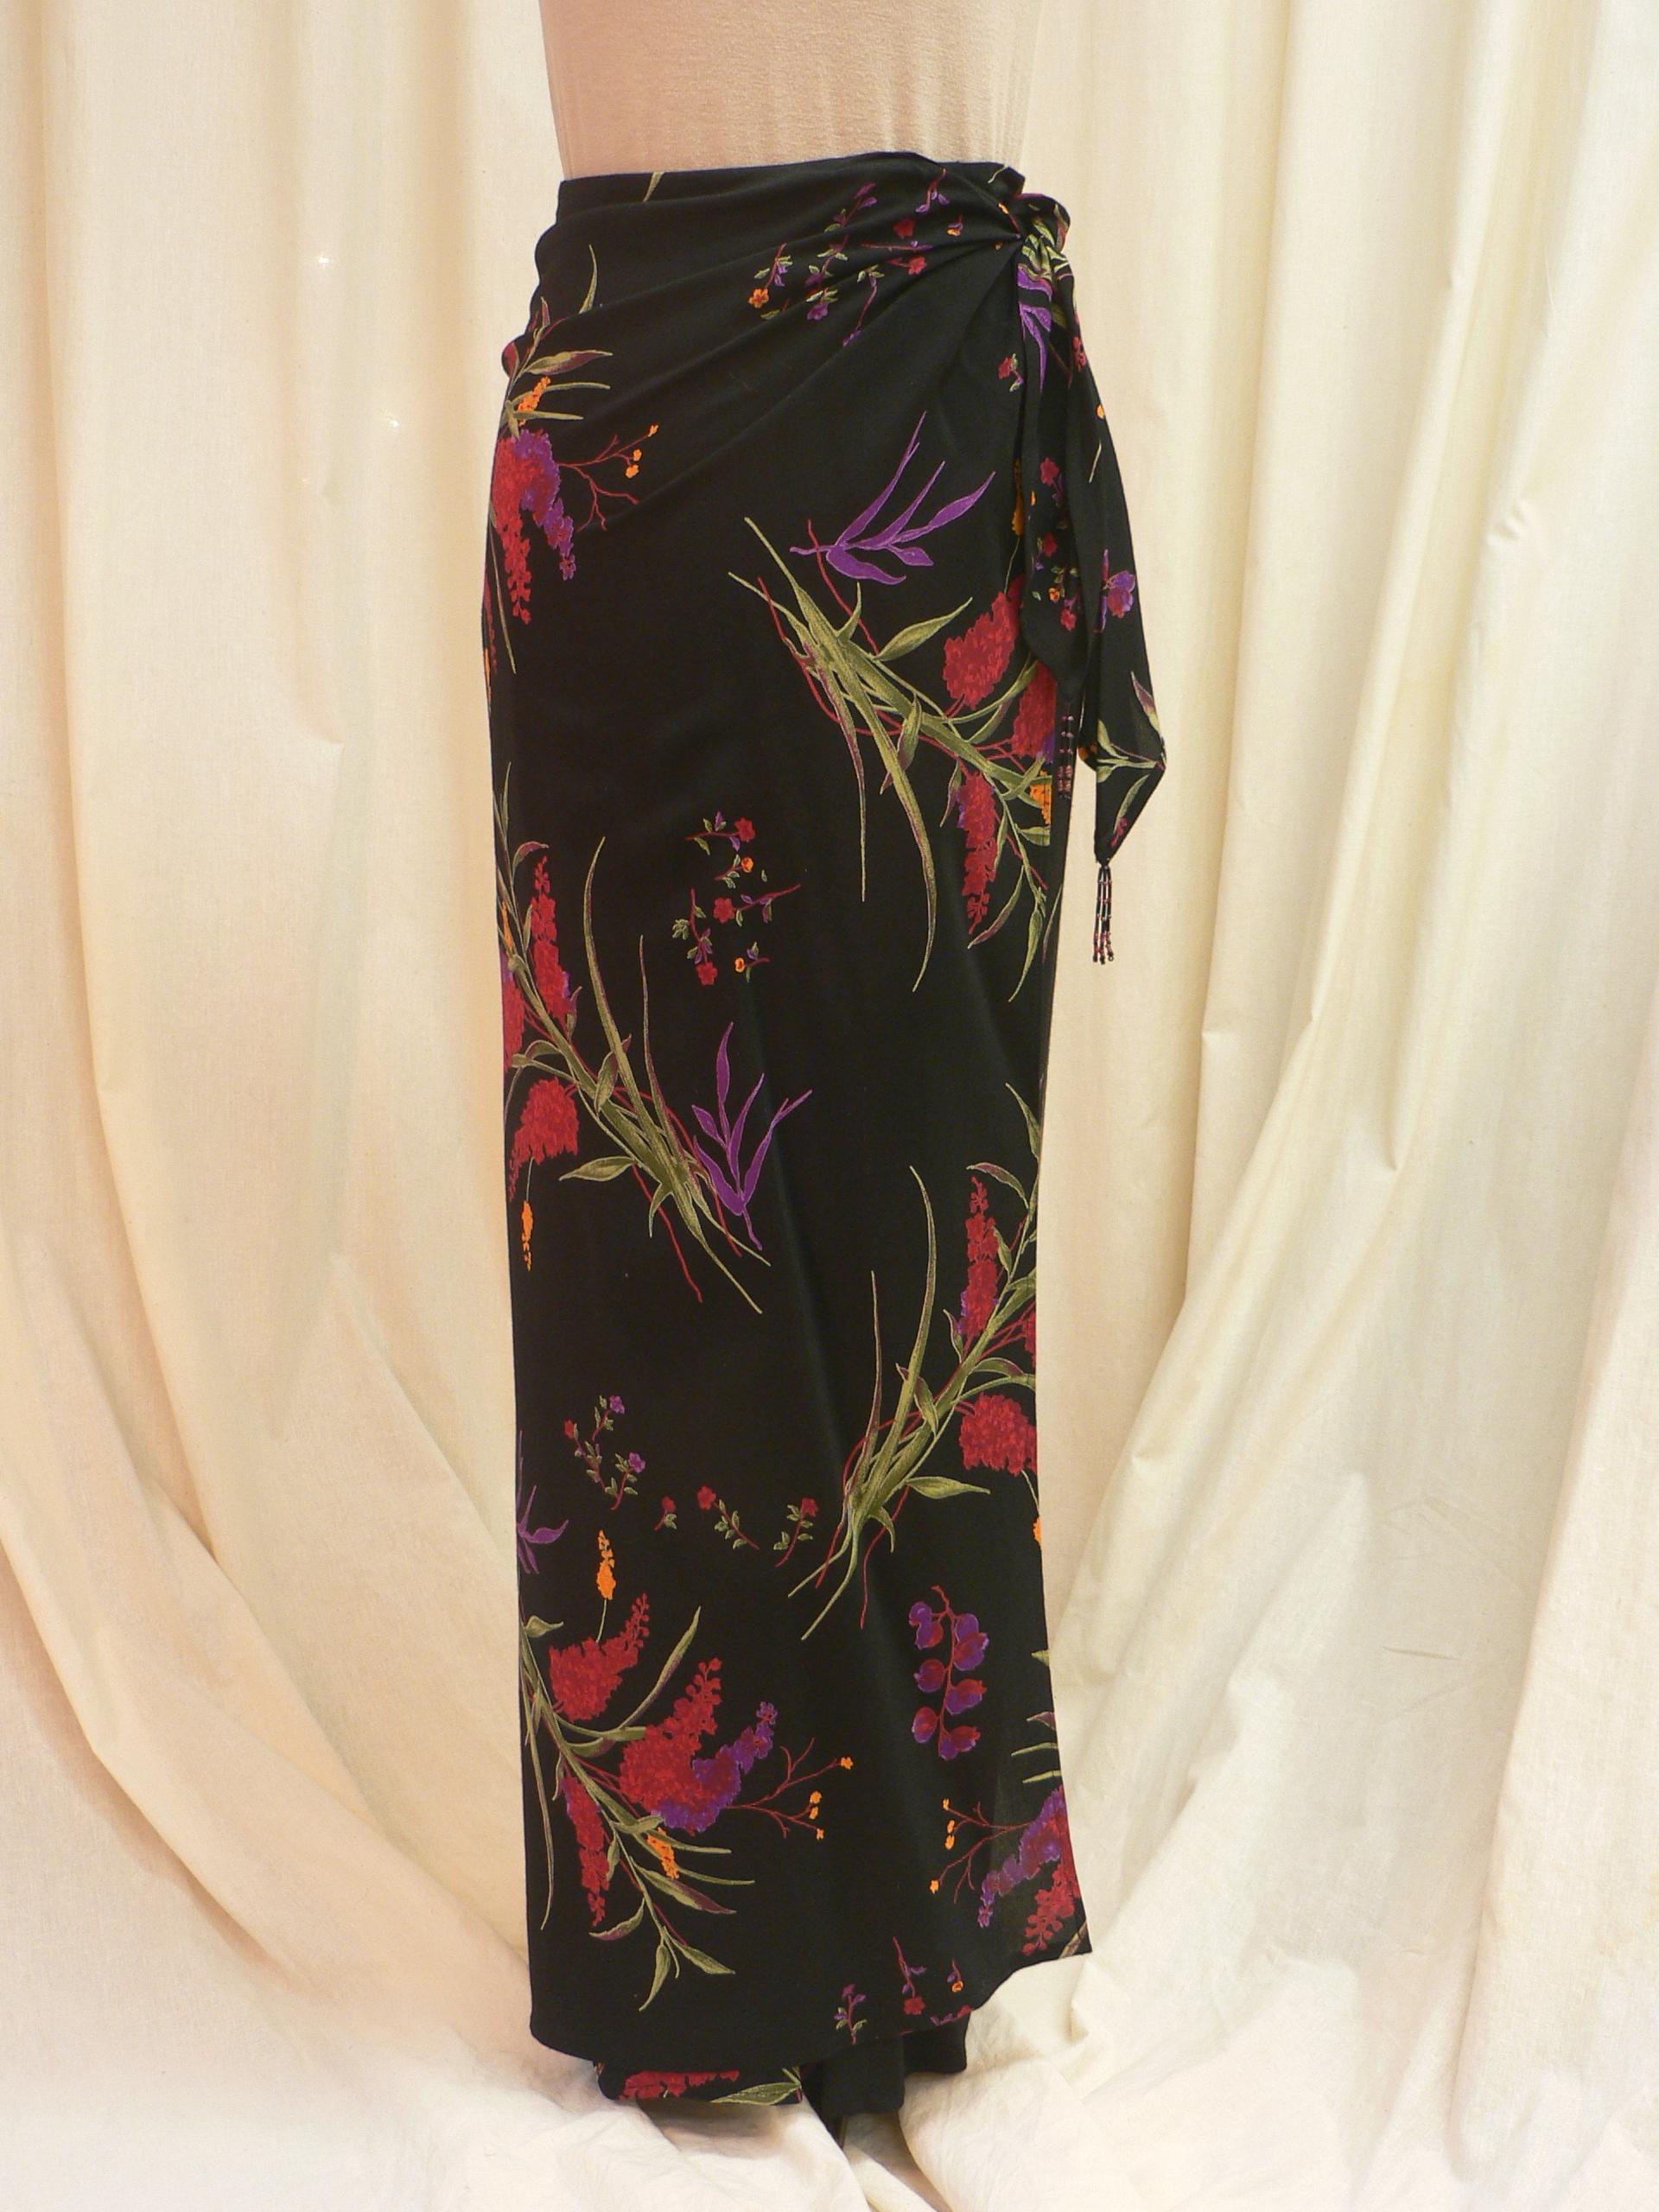 skirt03_front1.JPG